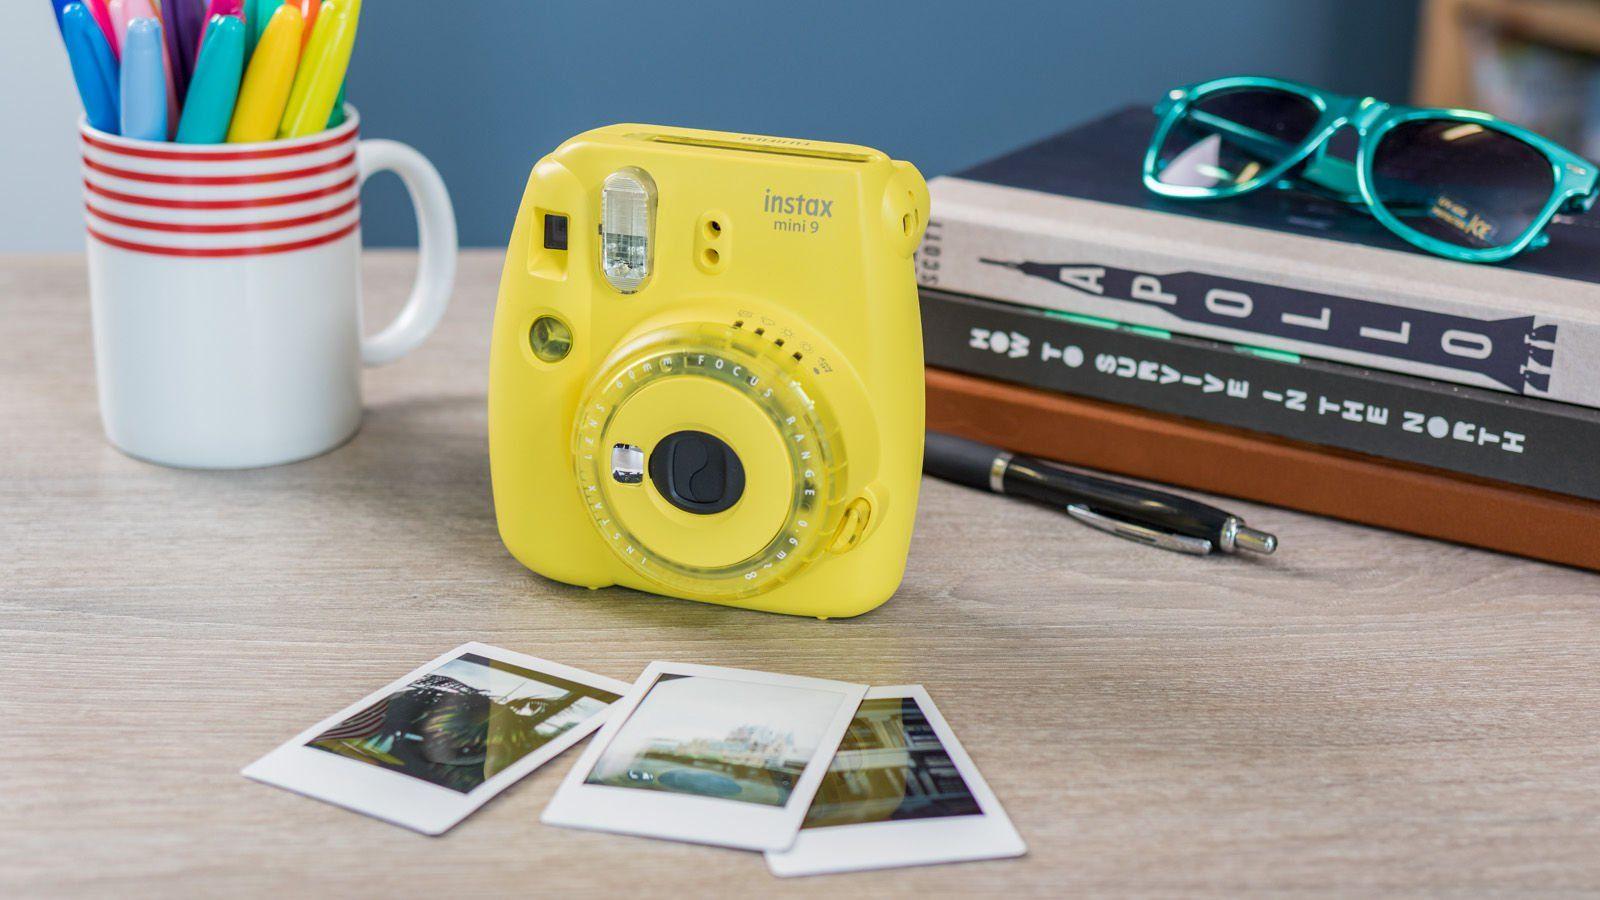 Mua máy chụp ảnh lấy ngay loại nào tốt nhất giá rẻ ???